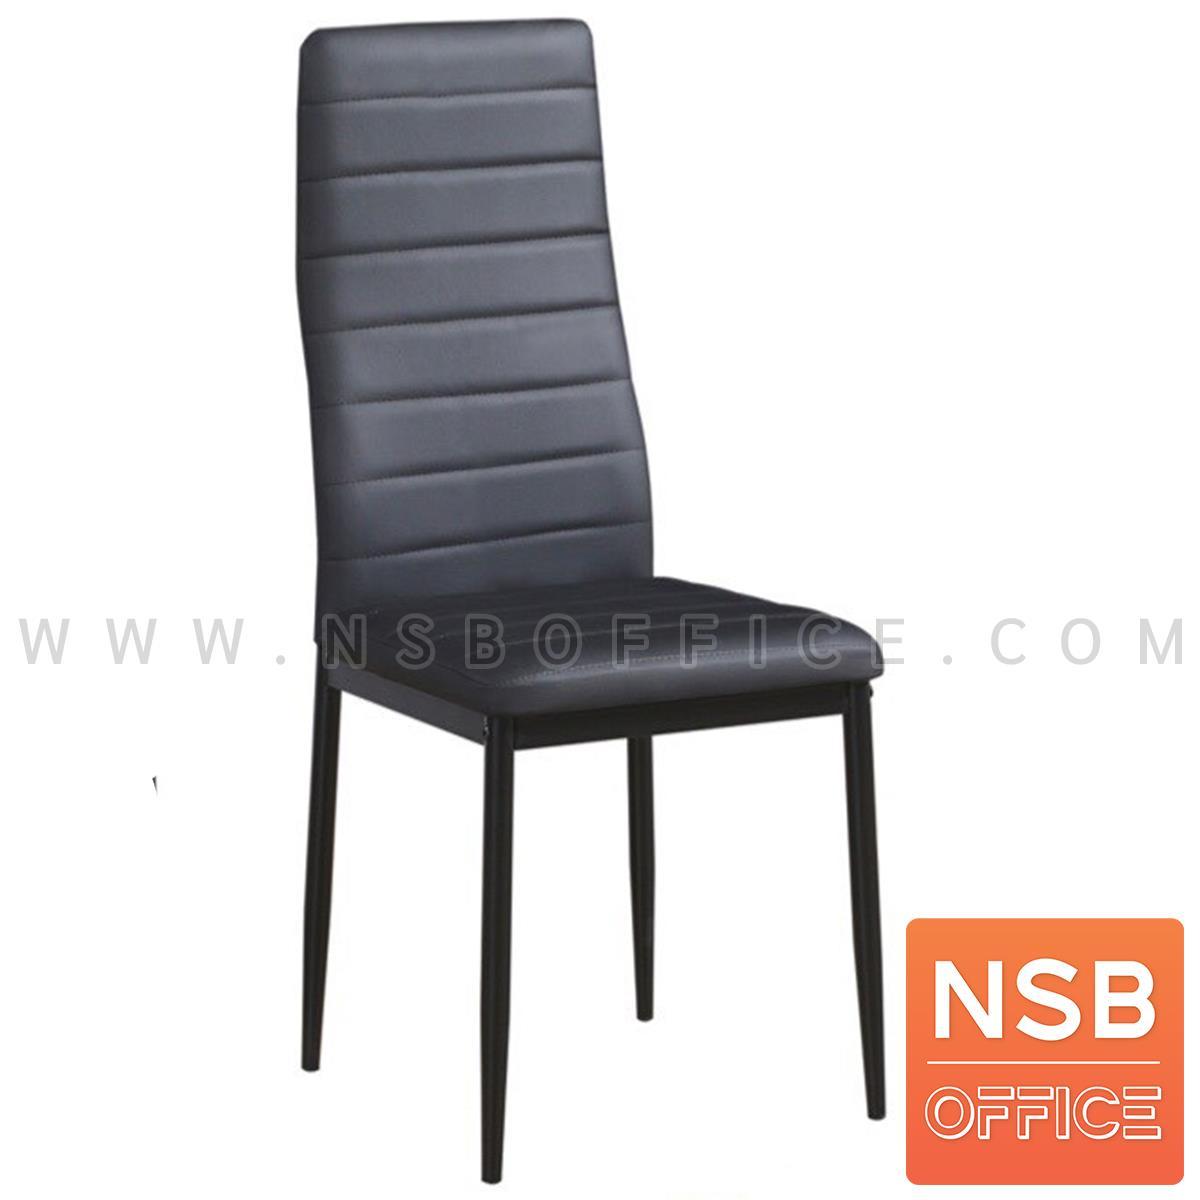 B22A198:เก้าอี้รับประทานอาหาร รุ่น Cather (คาเธอร์)  หุ้มหนังเทียม ขาเหล็กสีดำ